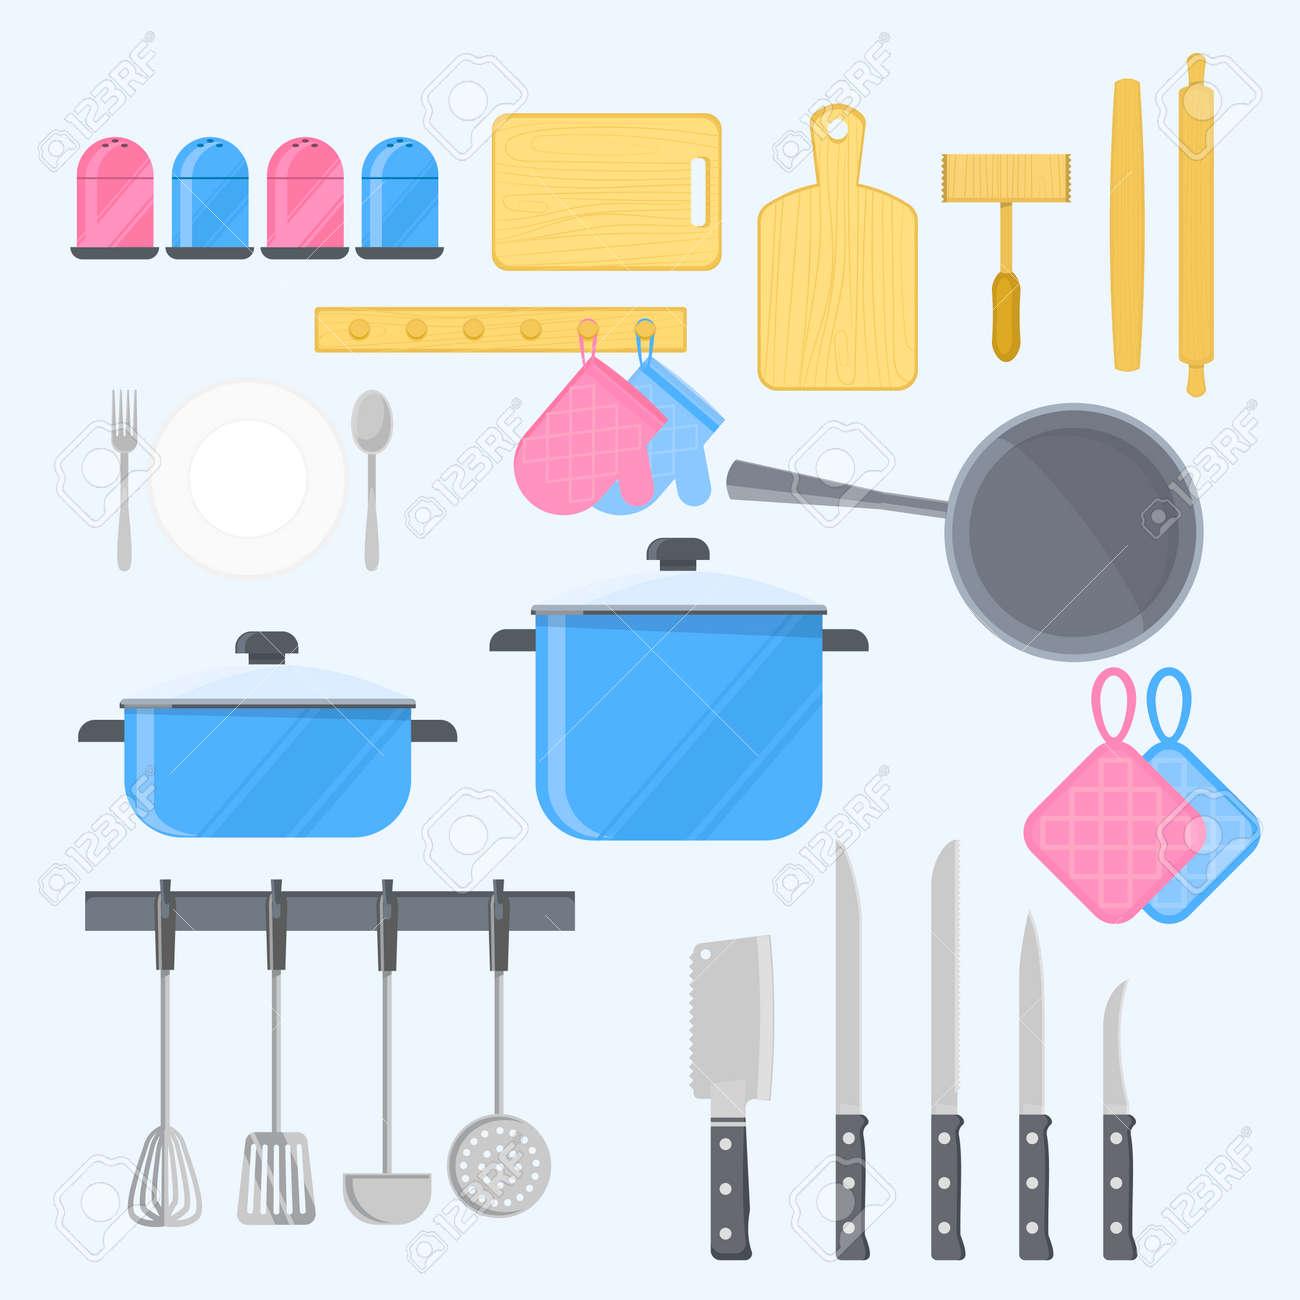 44521c55c Foto de archivo - Herramientas de cocina con utensilios de cocina Para la  preparación de fondo azul claro